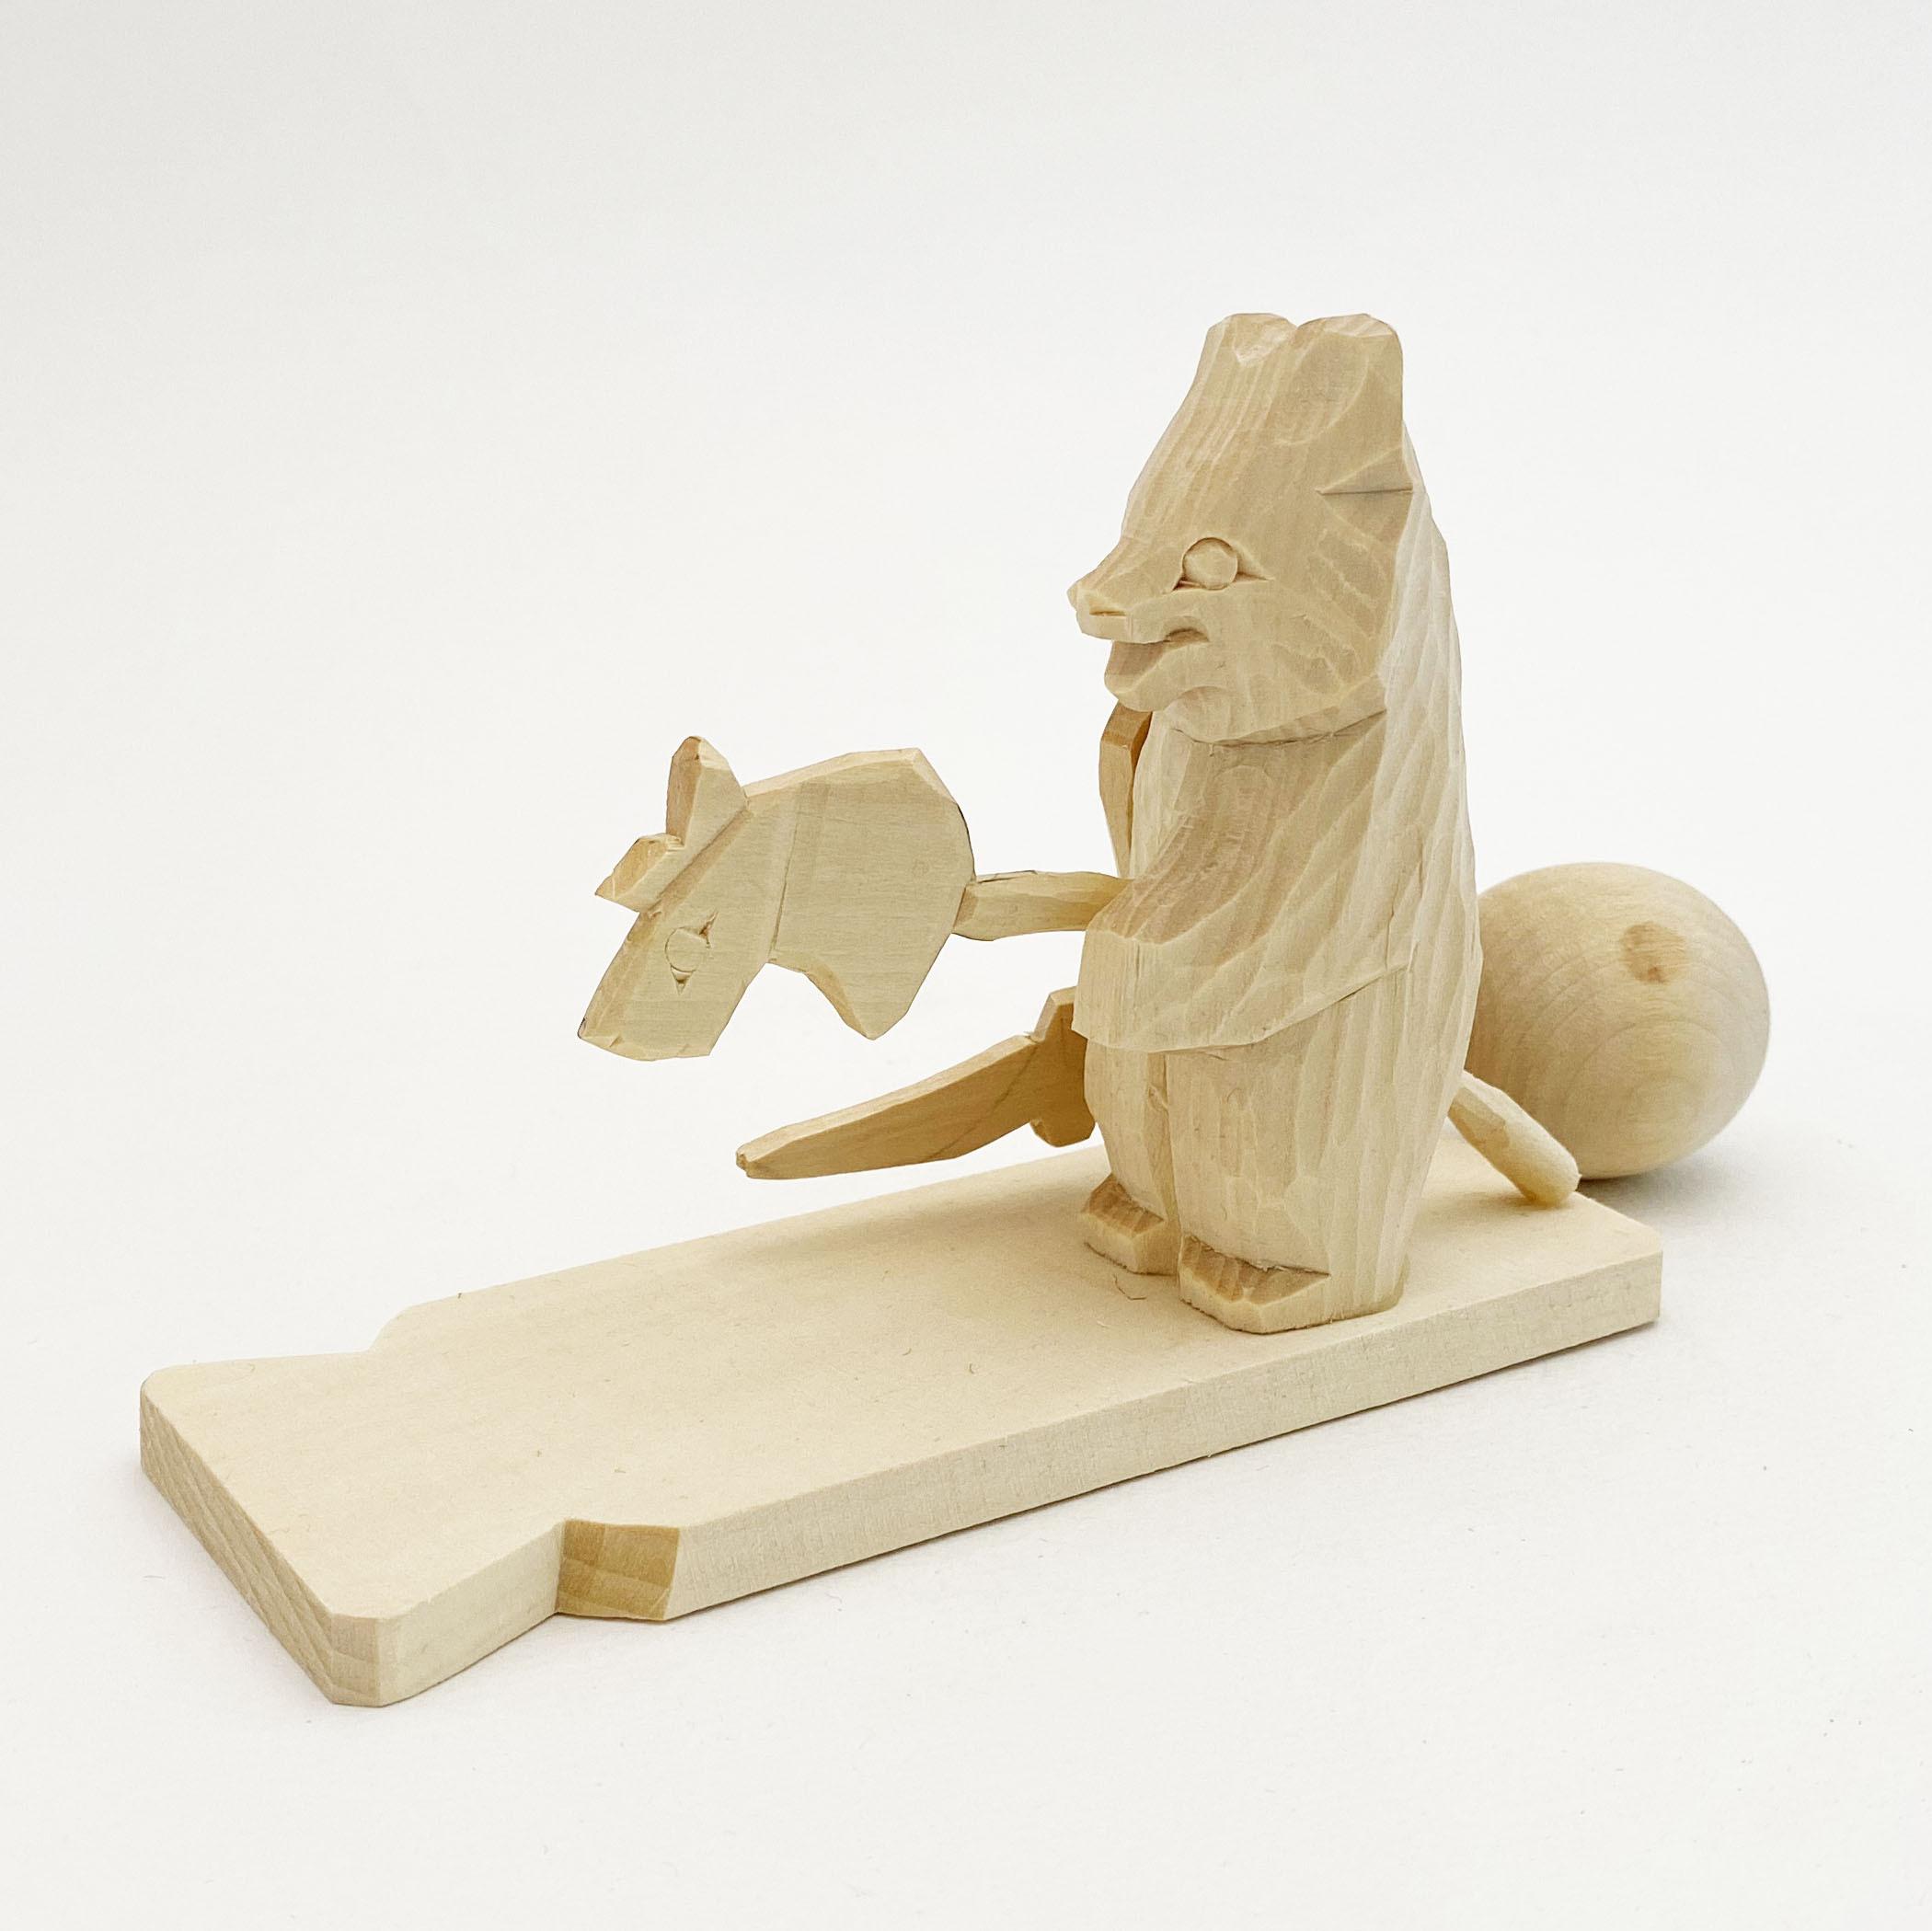 ボゴロツコエ木地玩具「クマのお馬遊び」